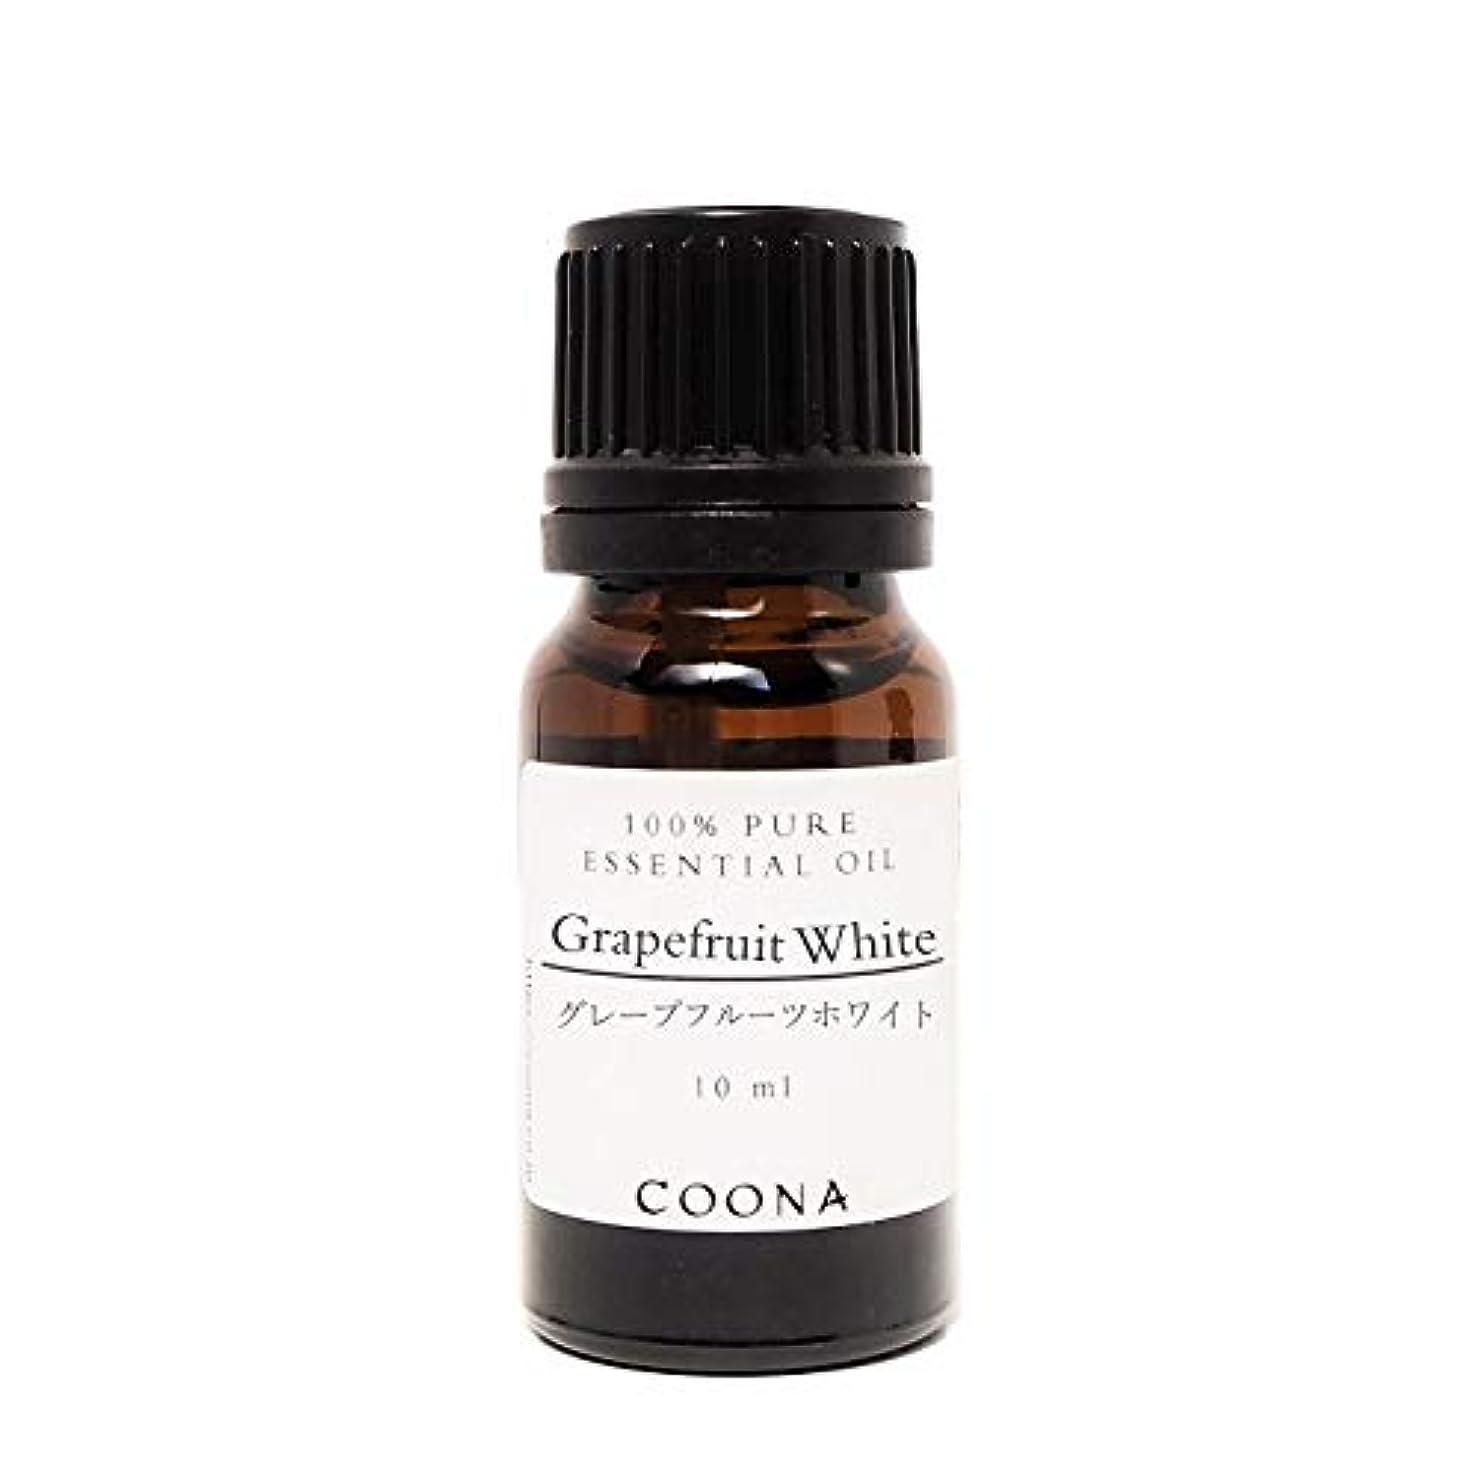 雑草トーン幅グレープフルーツ ホワイト 10 ml (COONA エッセンシャルオイル アロマオイル 100%天然植物精油)